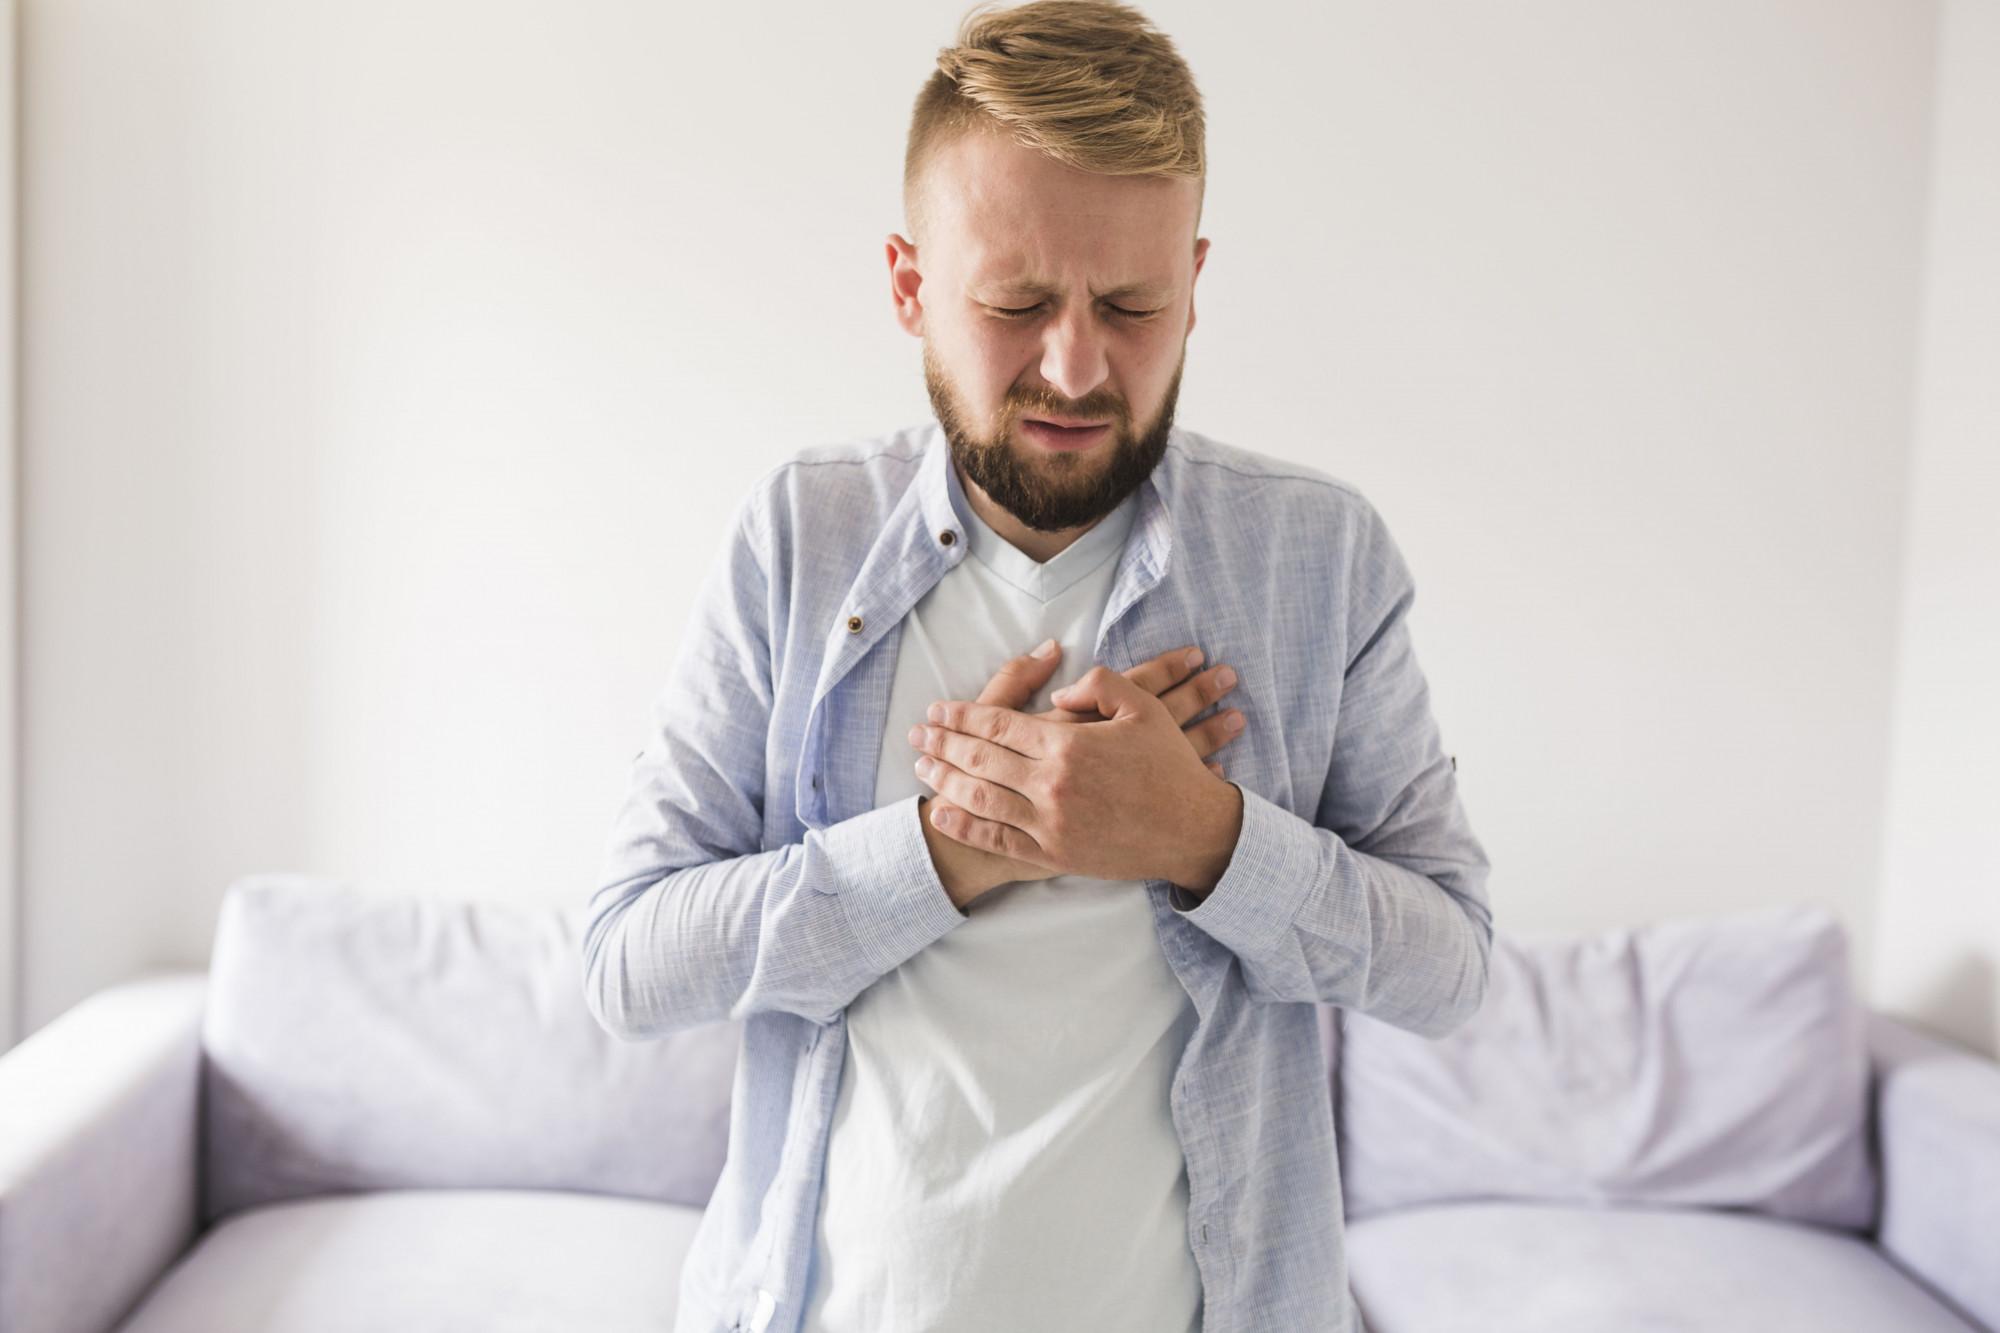 Um Guia sobre a saúde masculina — Doenças comuns, prevenção e tratamentos